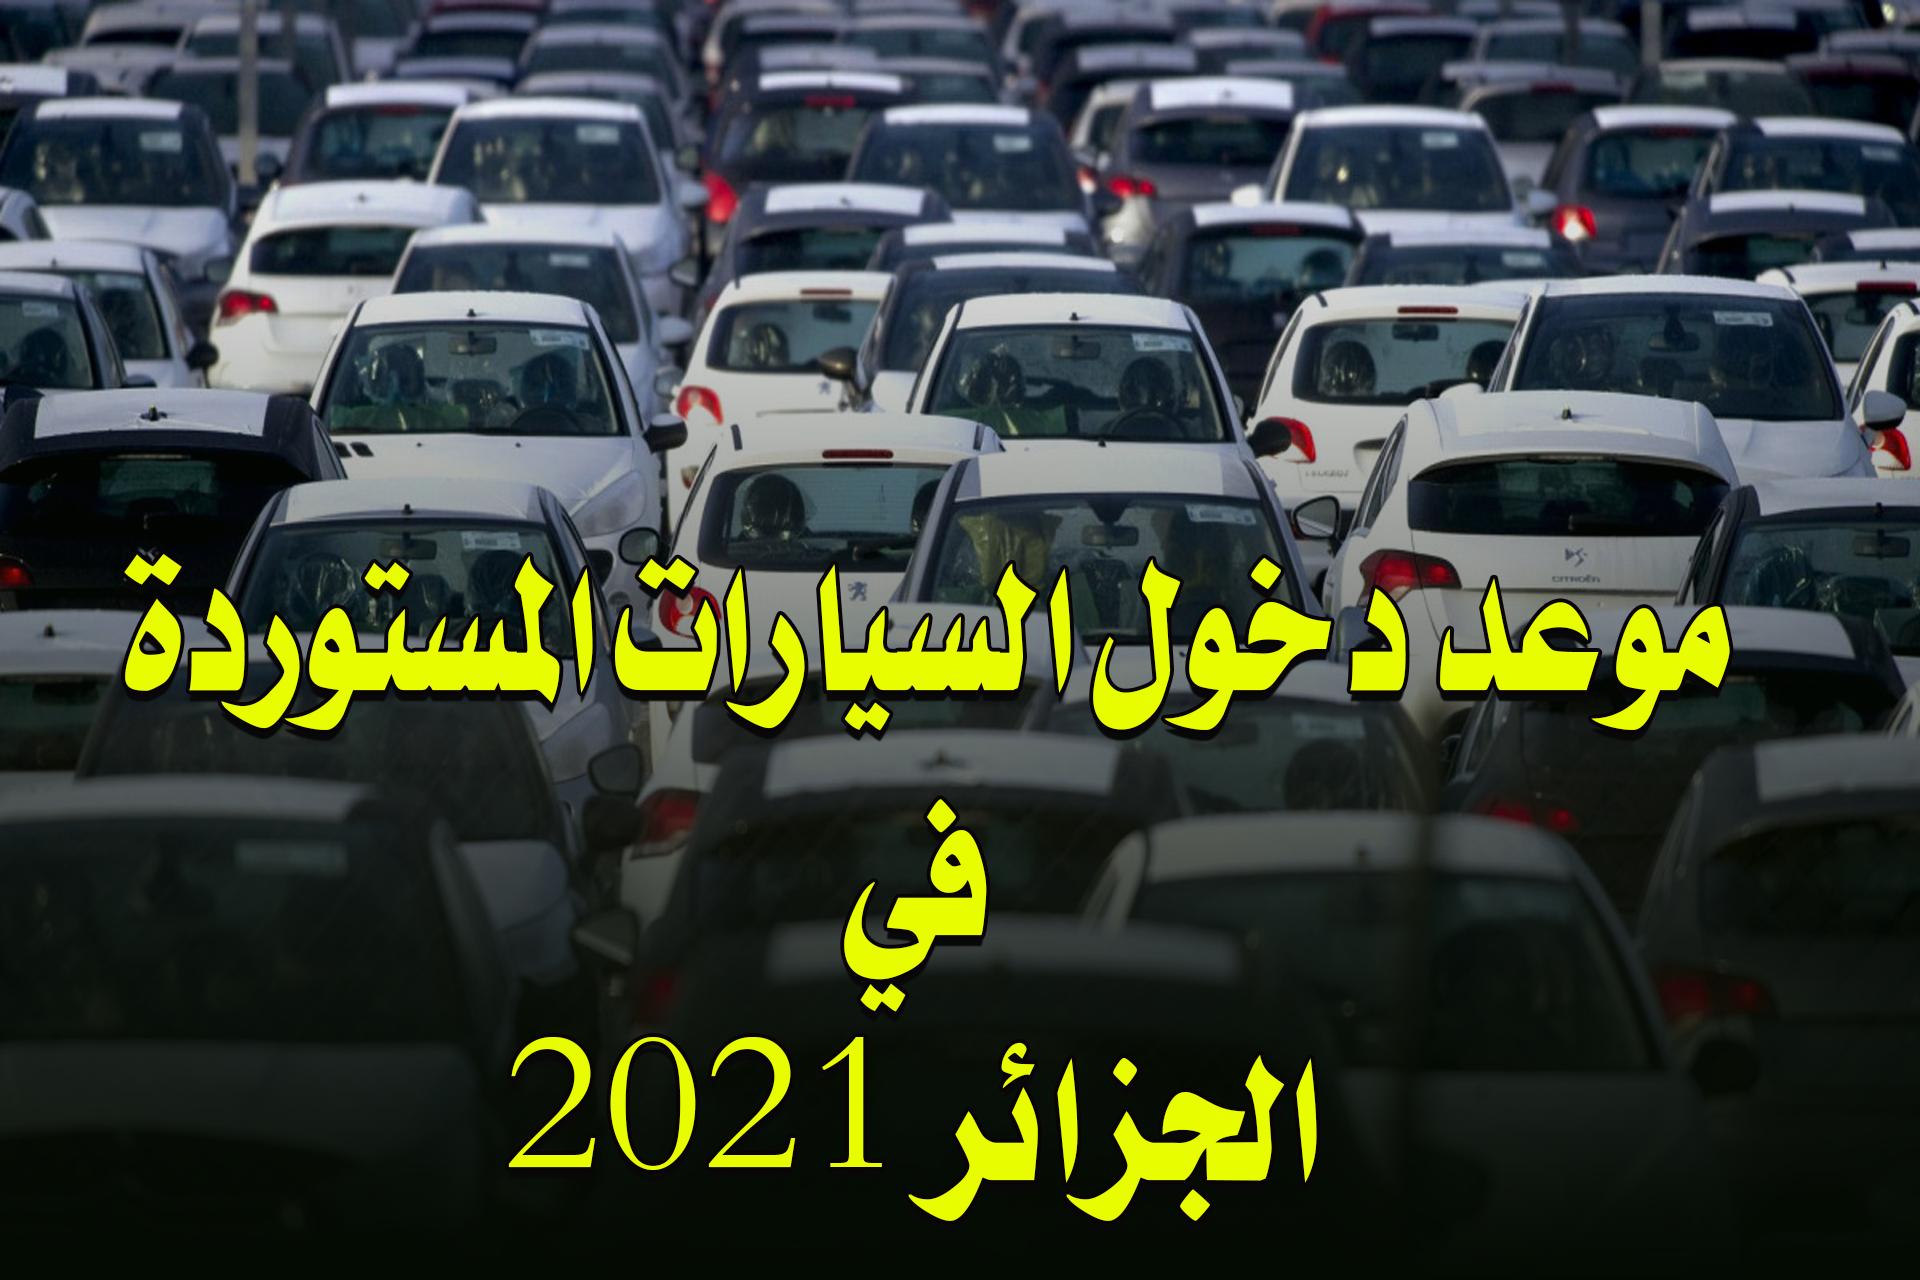 موعد دخول السيارات المستوردة الى الجزائر 2021